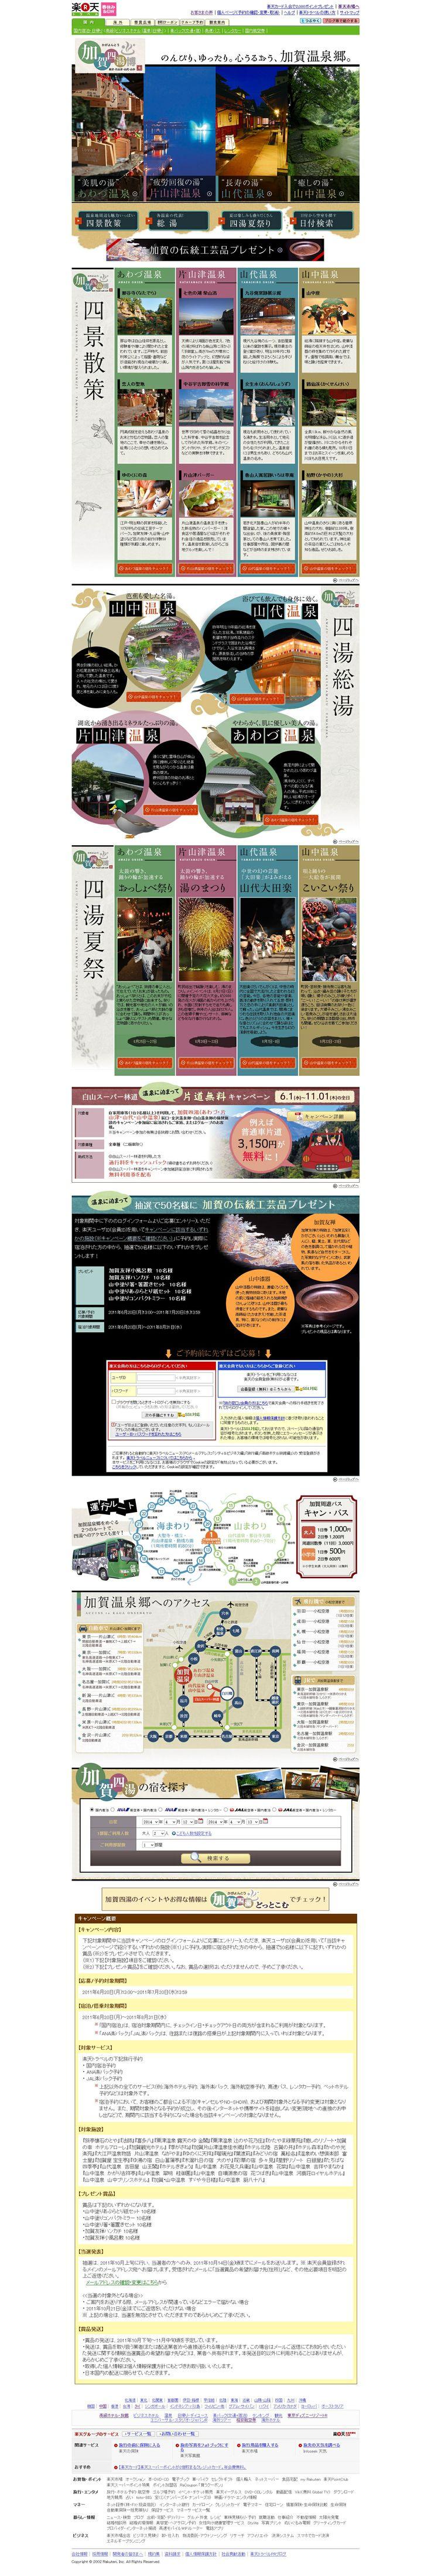 【旅頃】加賀四湯博(石川県) 温泉 ベージュ 夏 http://travel.rakuten.co.jp/movement/ishikawa/201106/